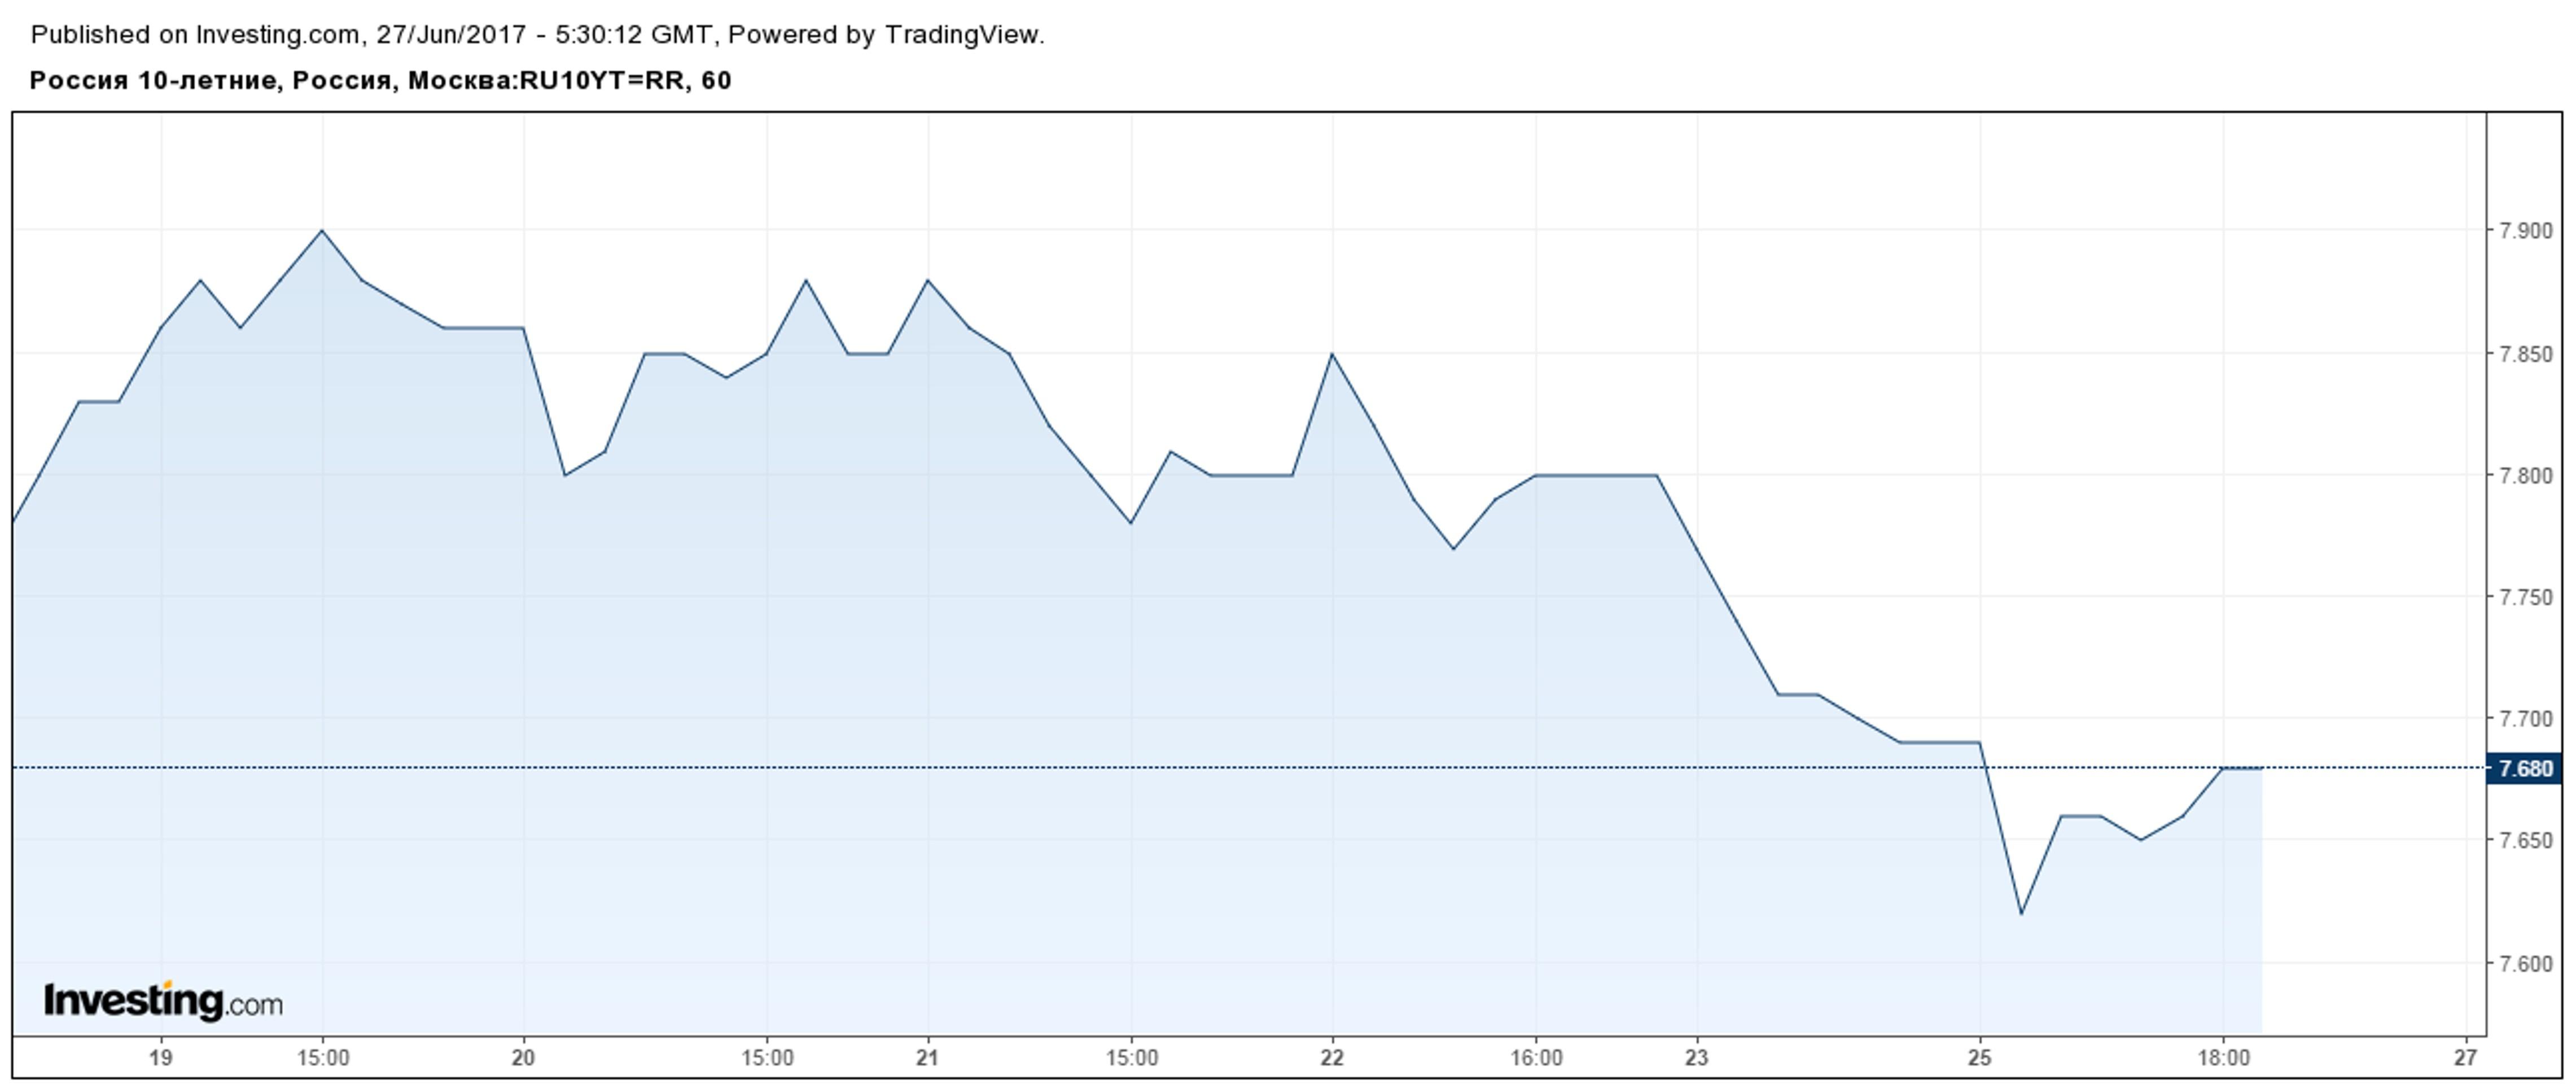 Нефть вернула инвесторам веру в ОФЗ